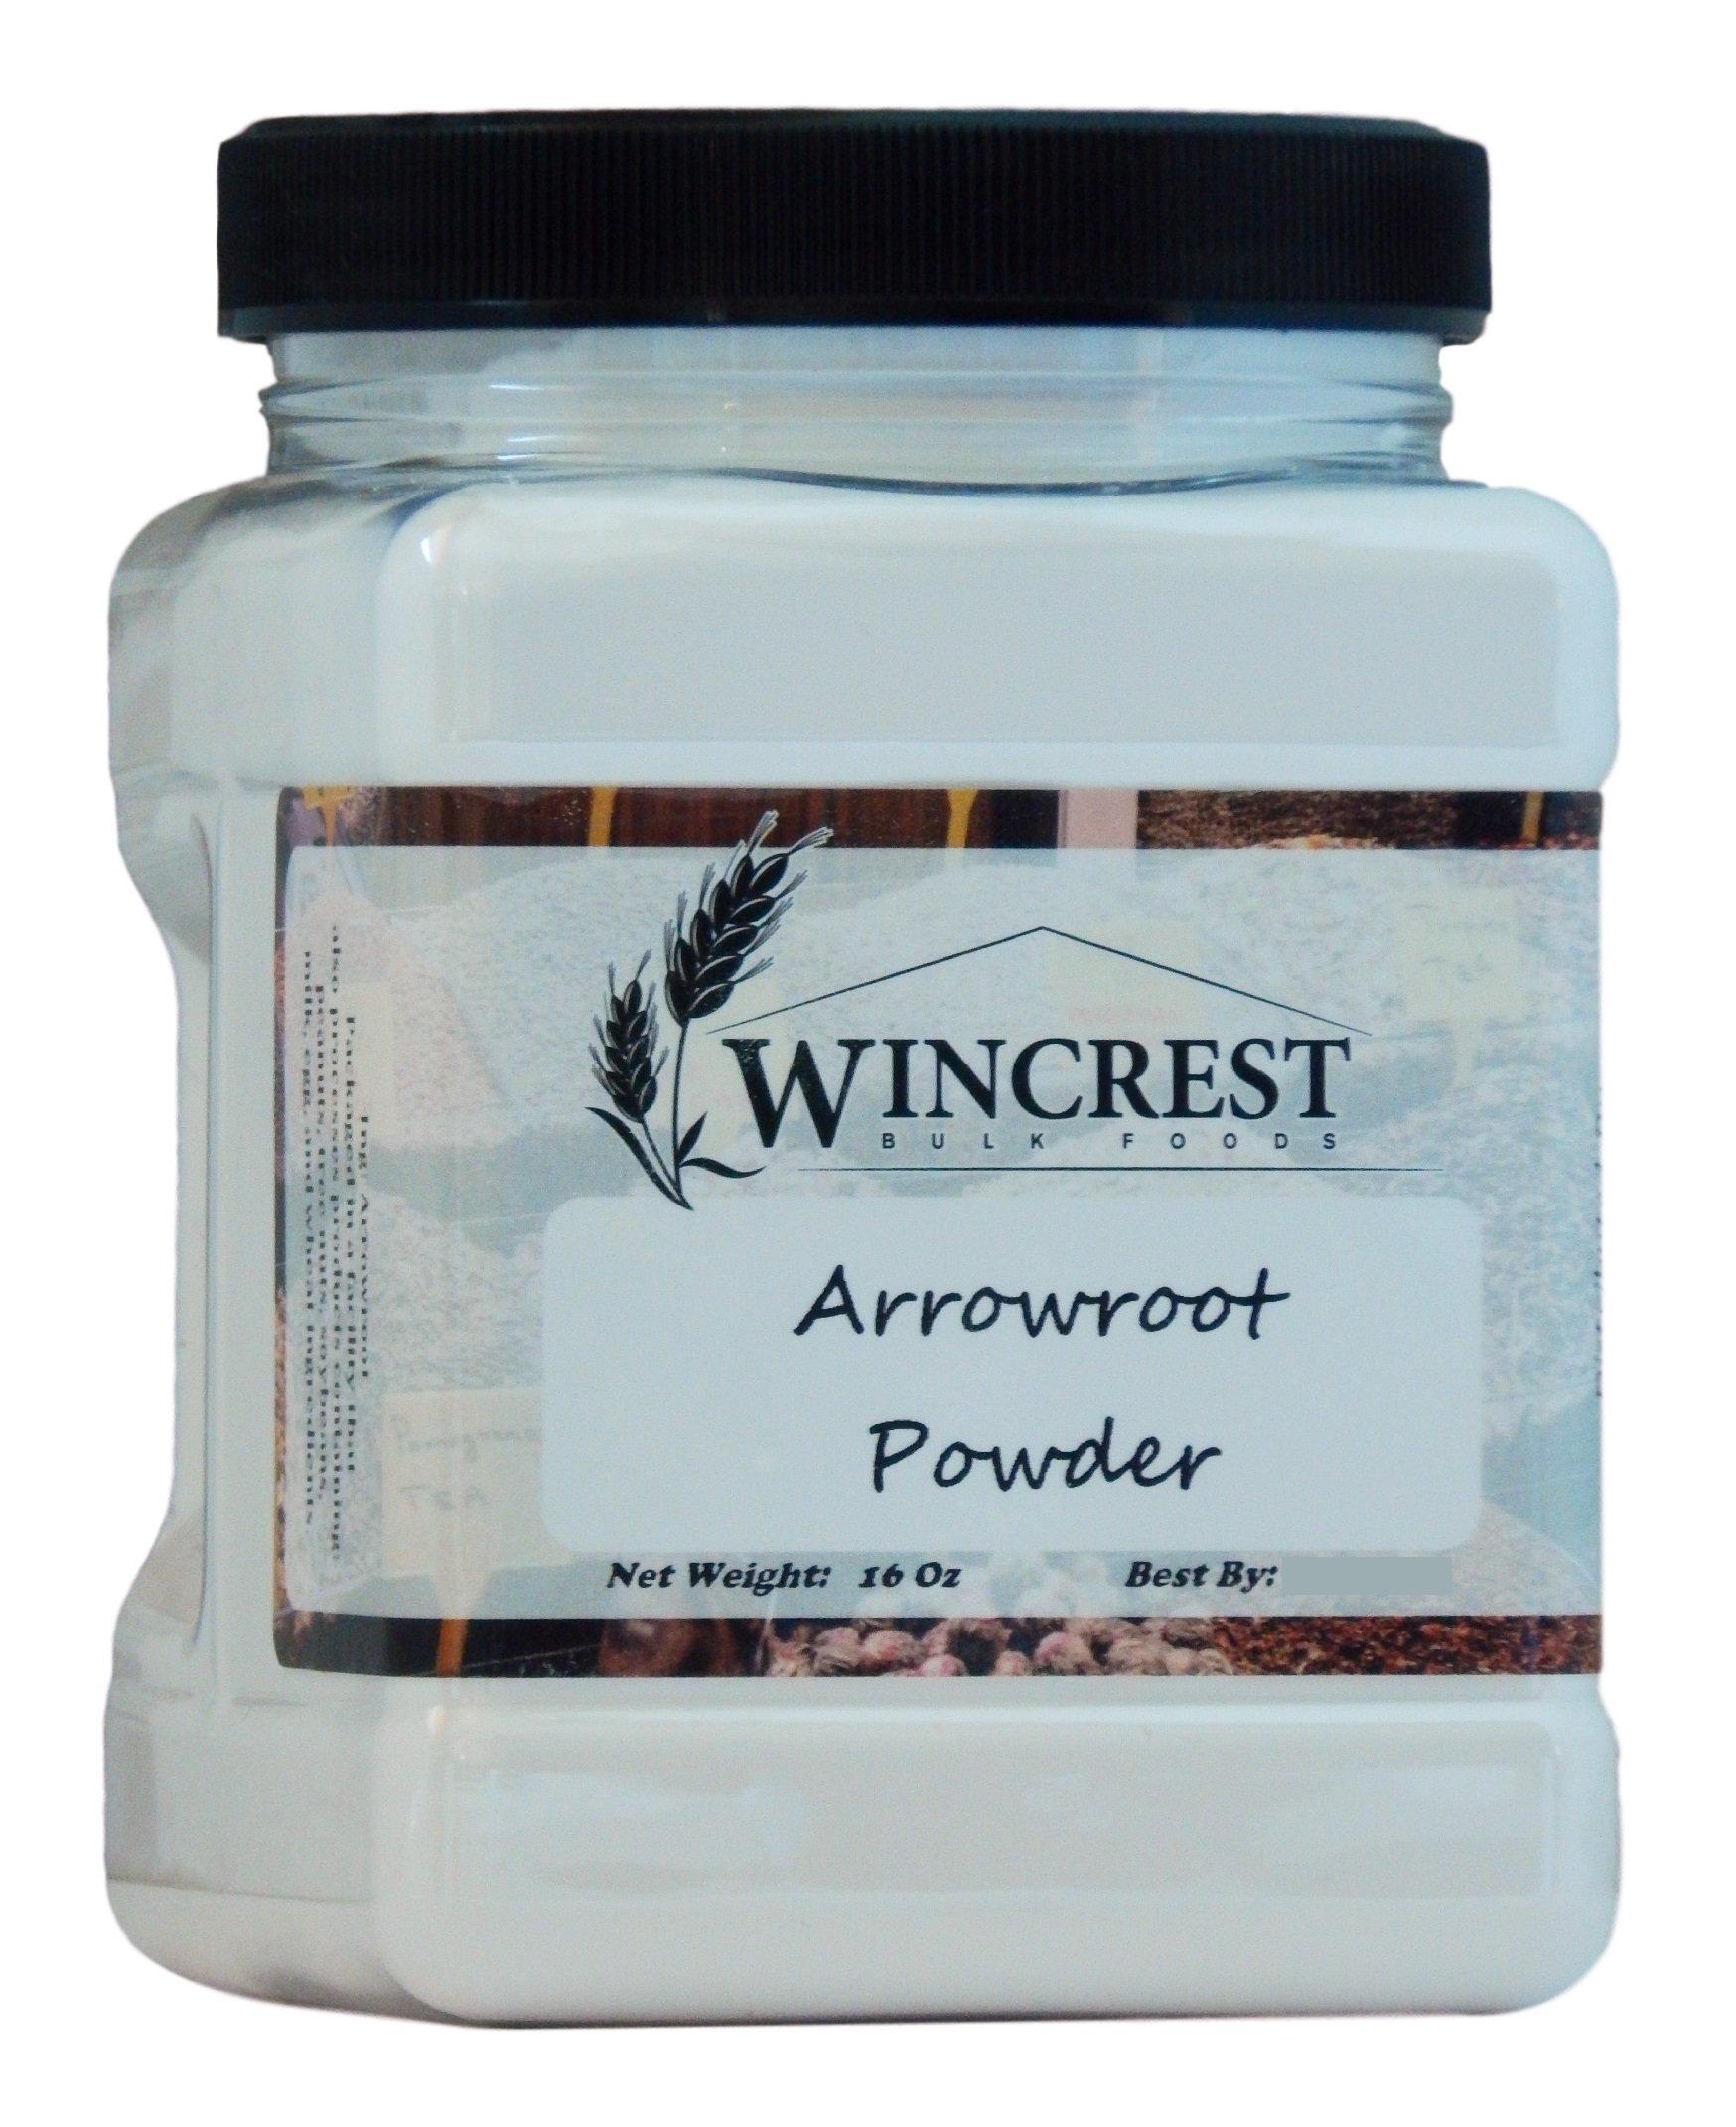 Arrowroot Powder 1 Lb by WinCrest BulkFoods